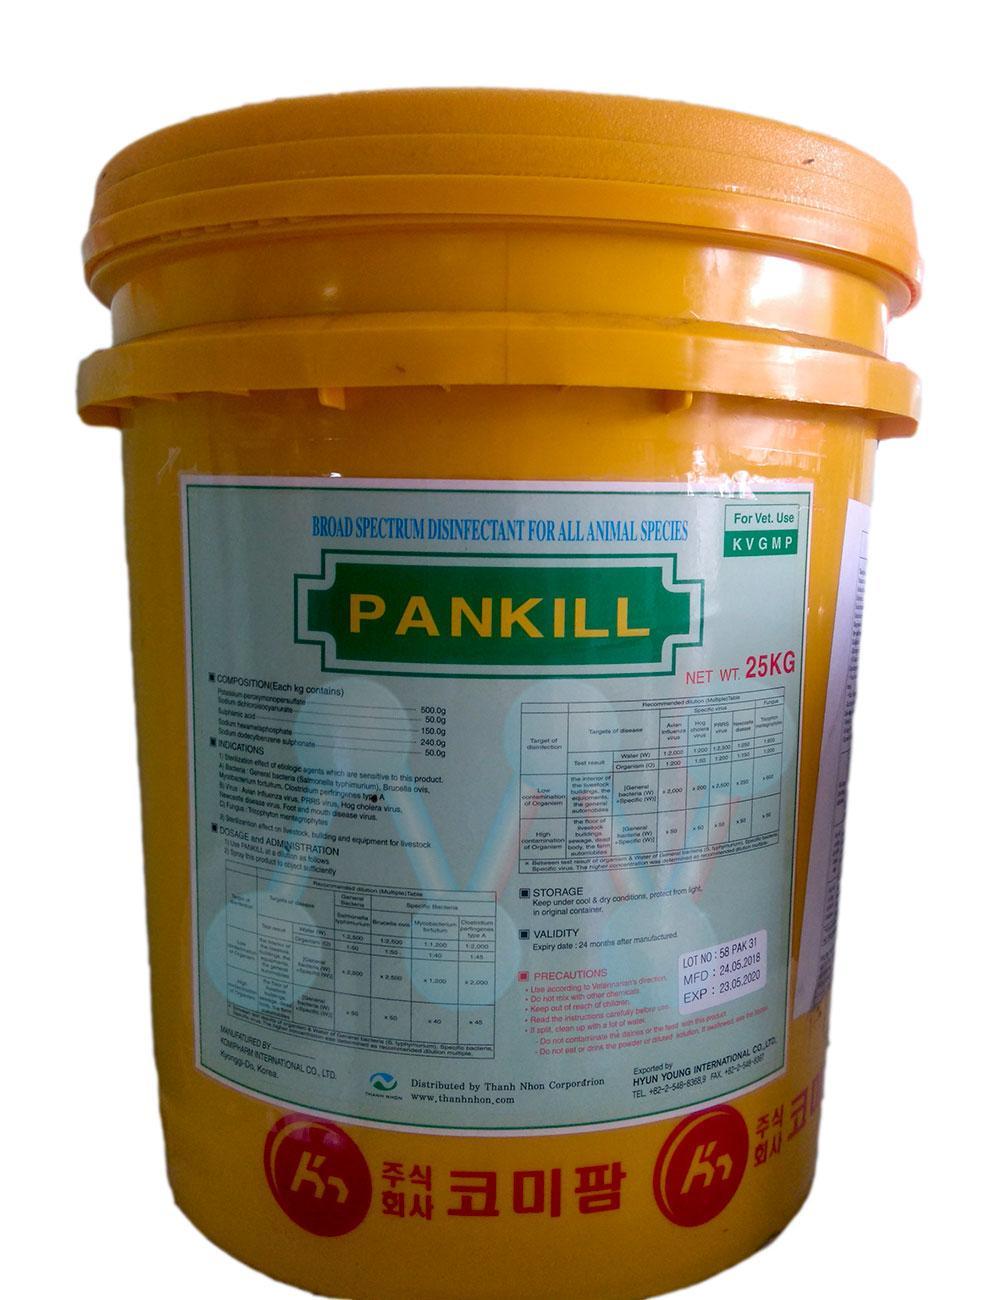 Pankill